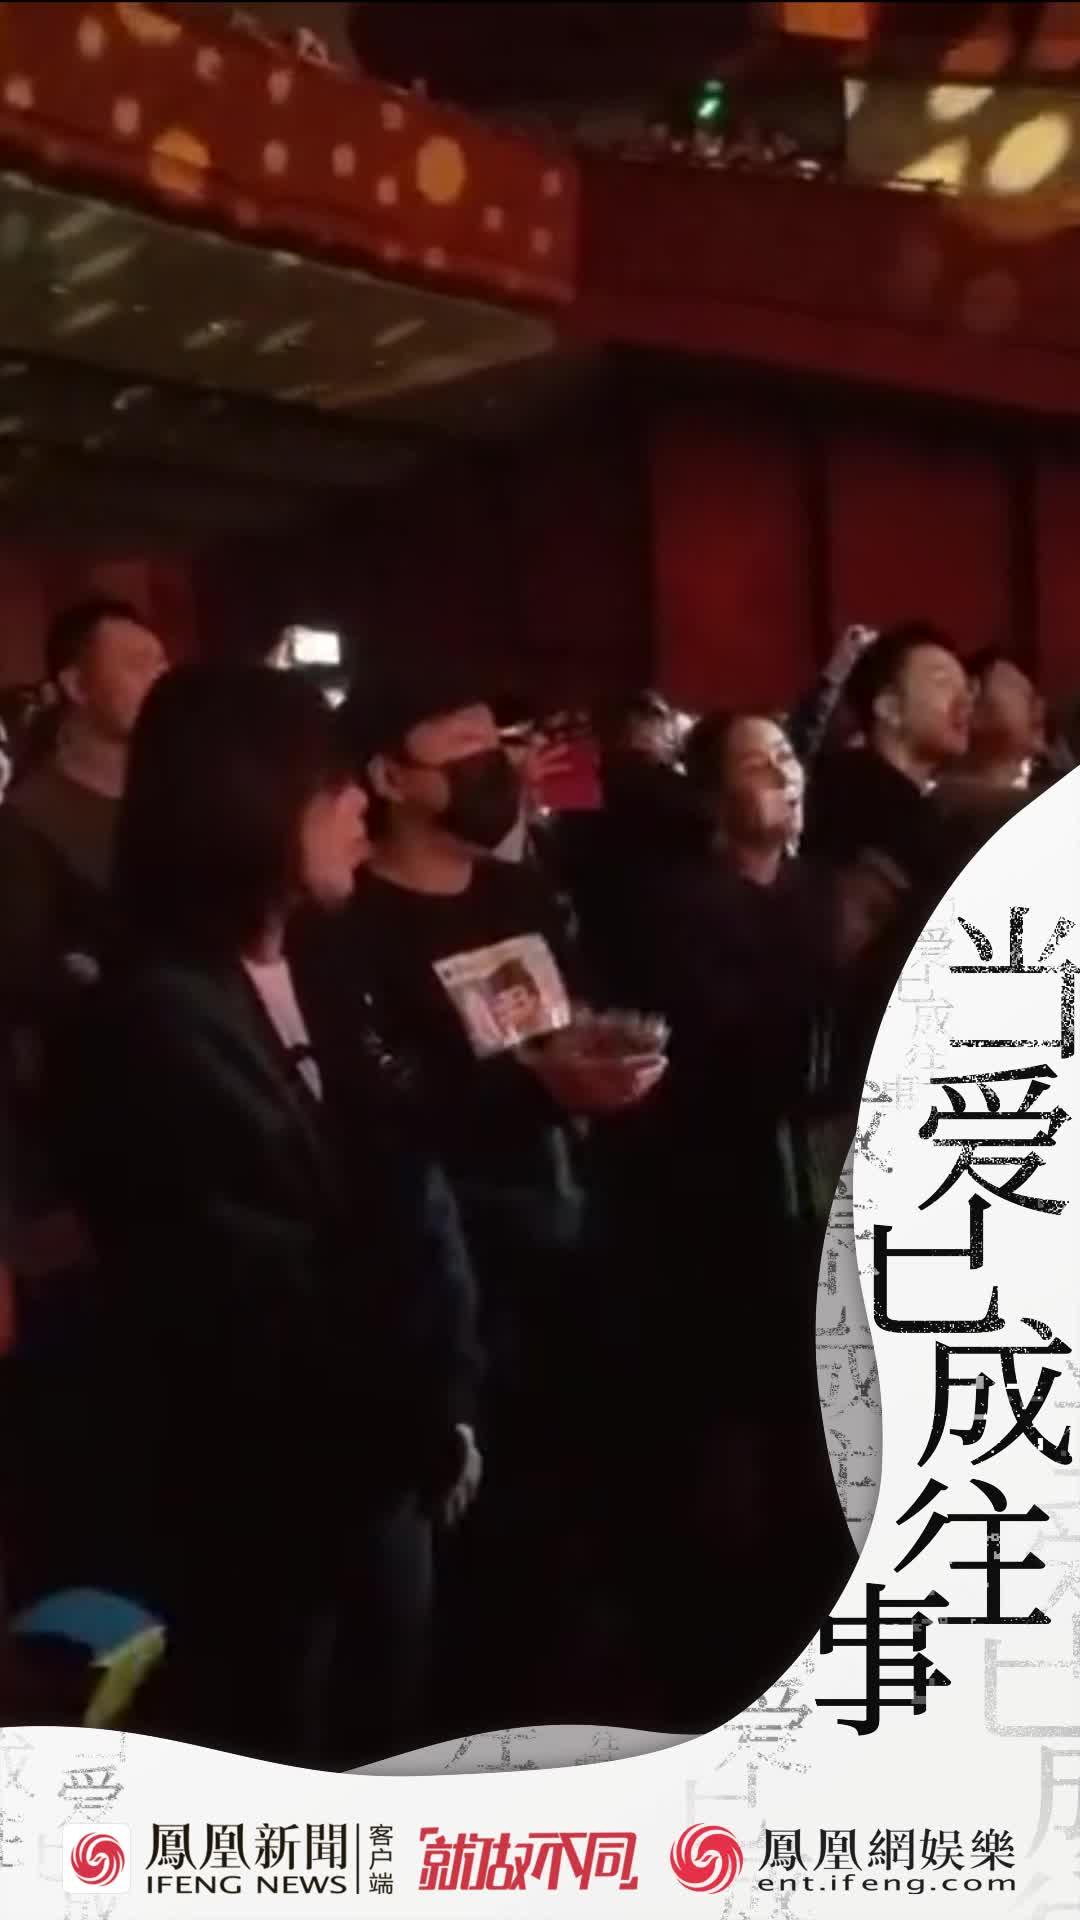 音乐剧《当爱已成往事》北京爆满收官:黄渤那英现身观剧 再现千人合唱